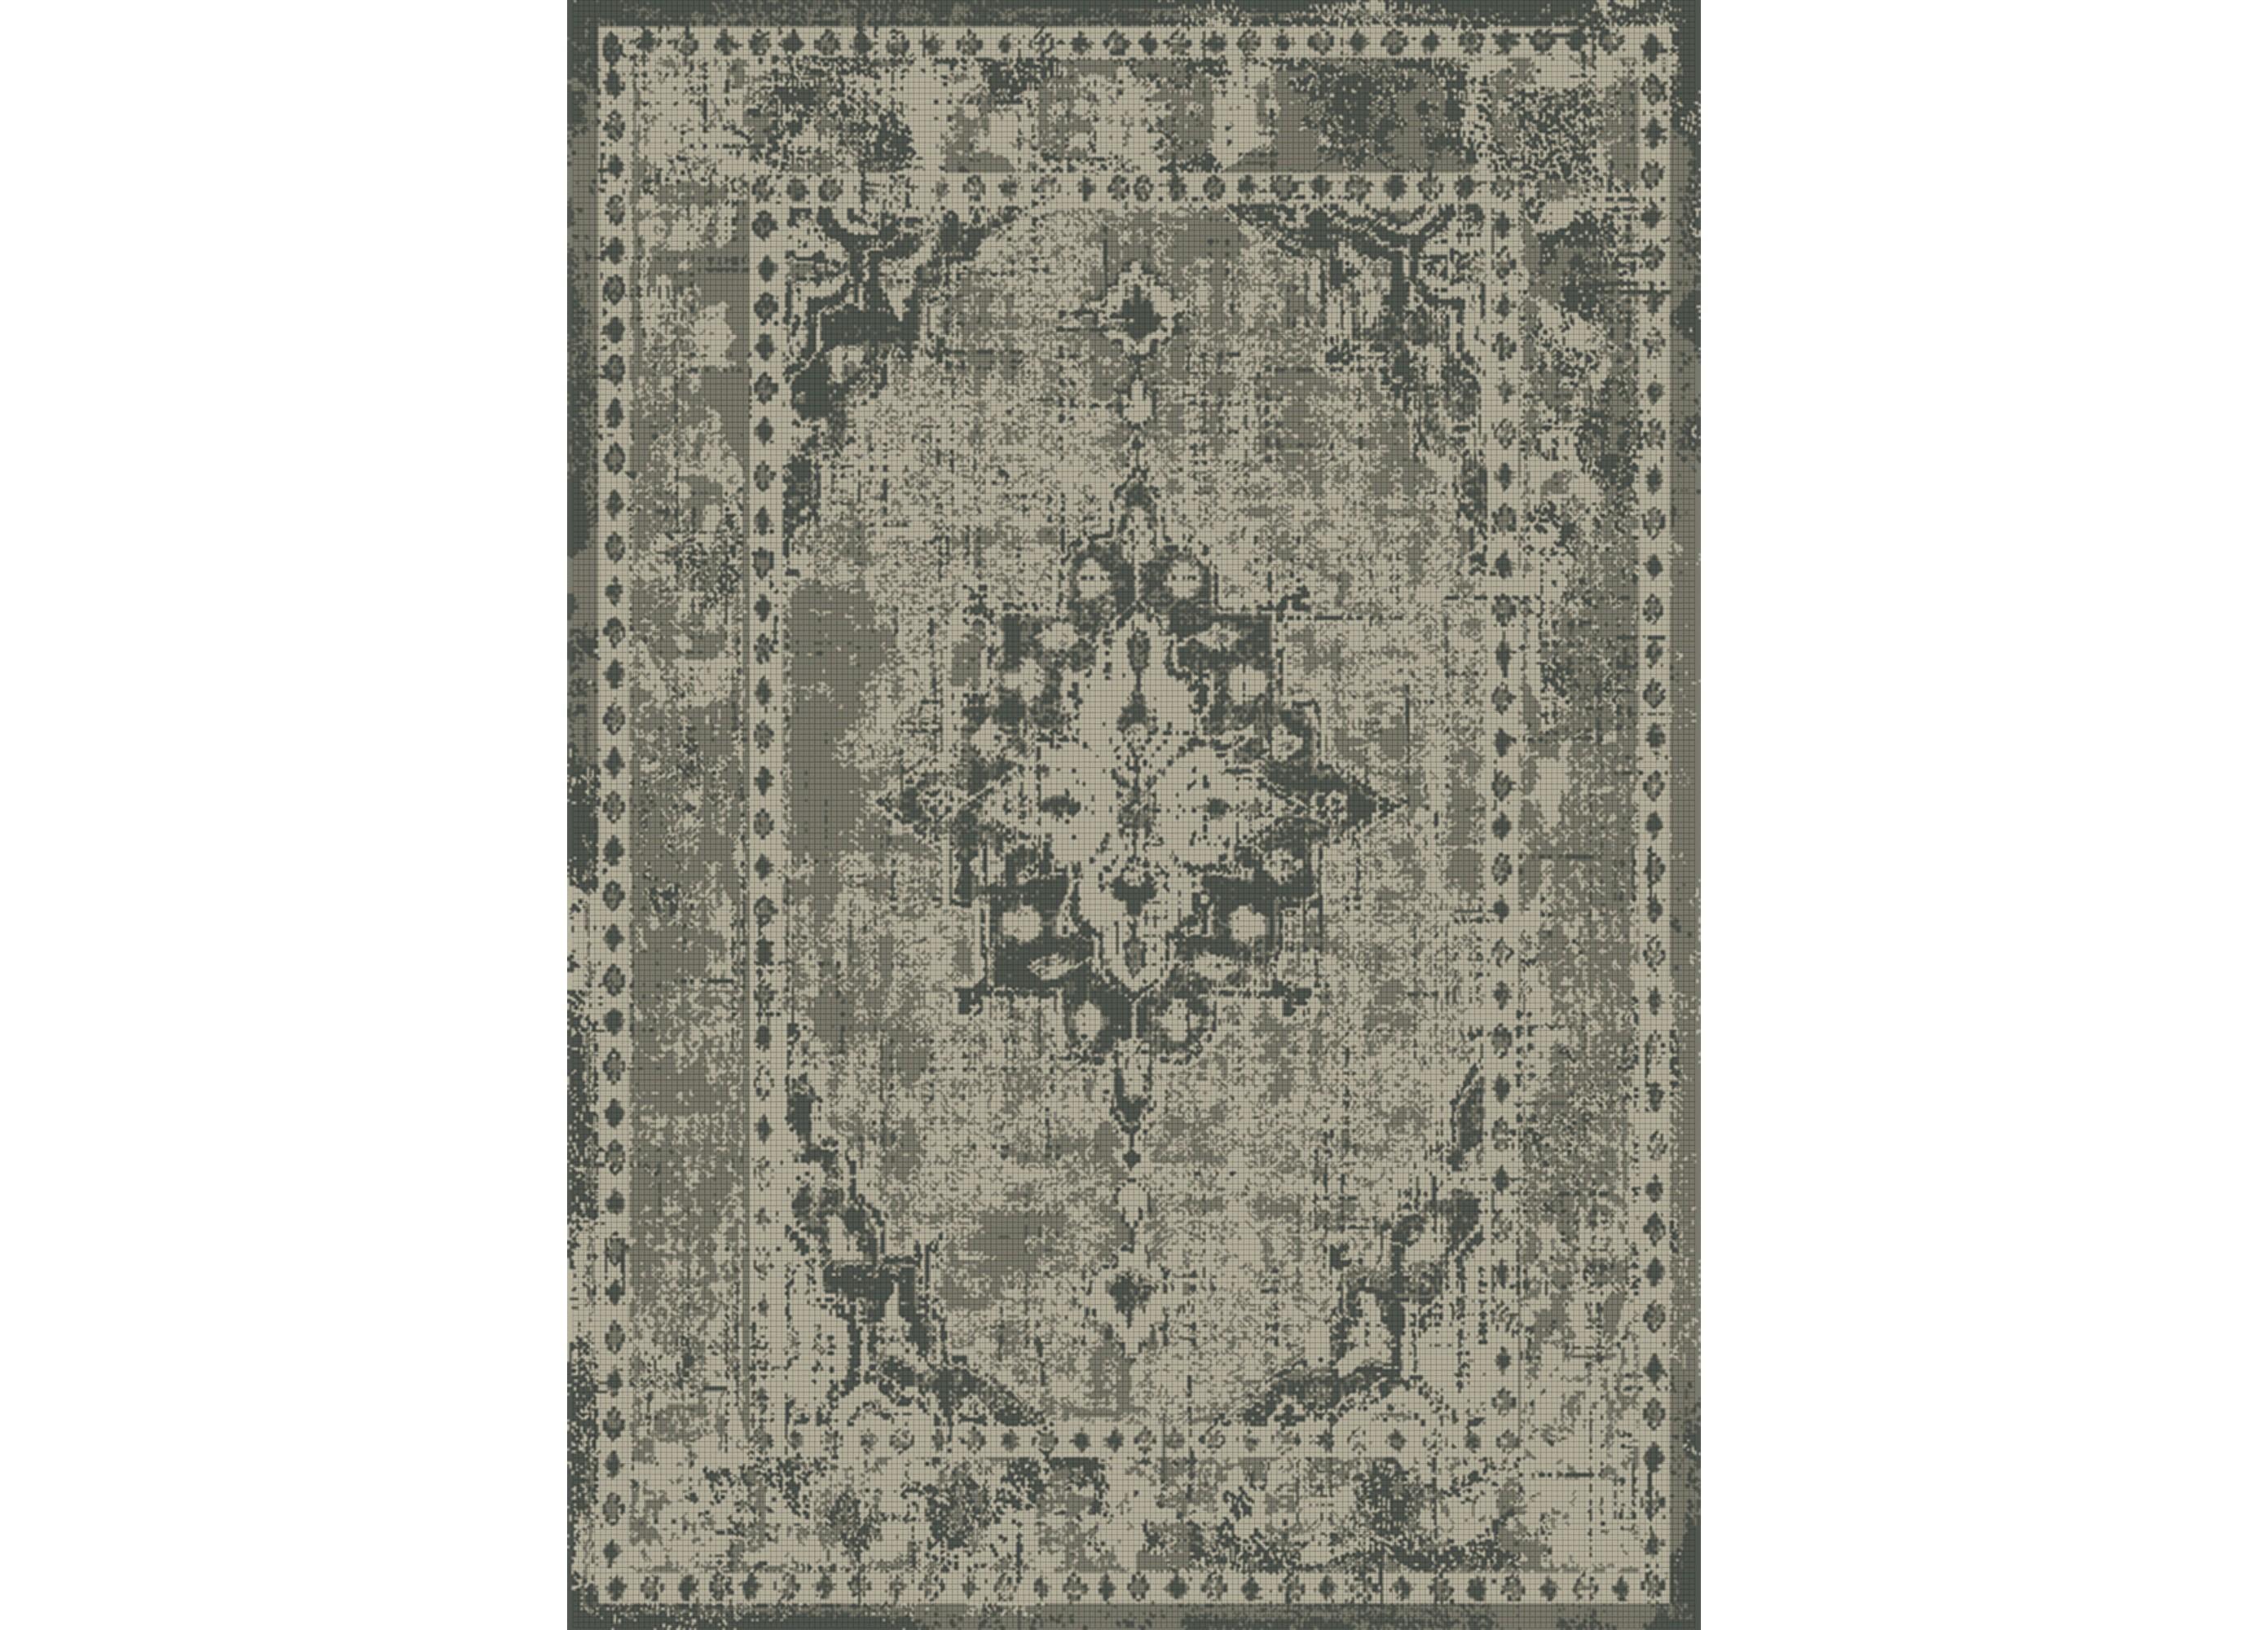 Ковер Viviane 150х80Прямоугольные ковры<br>Коллекция ковров Vintage добавят вашему интерьеру винтажного шика.&amp;lt;div&amp;gt;Материал: 100% Полипропилен.&amp;lt;br&amp;gt;&amp;lt;/div&amp;gt;<br><br>Material: Текстиль<br>Ширина см: 150<br>Высота см: 1<br>Глубина см: 80